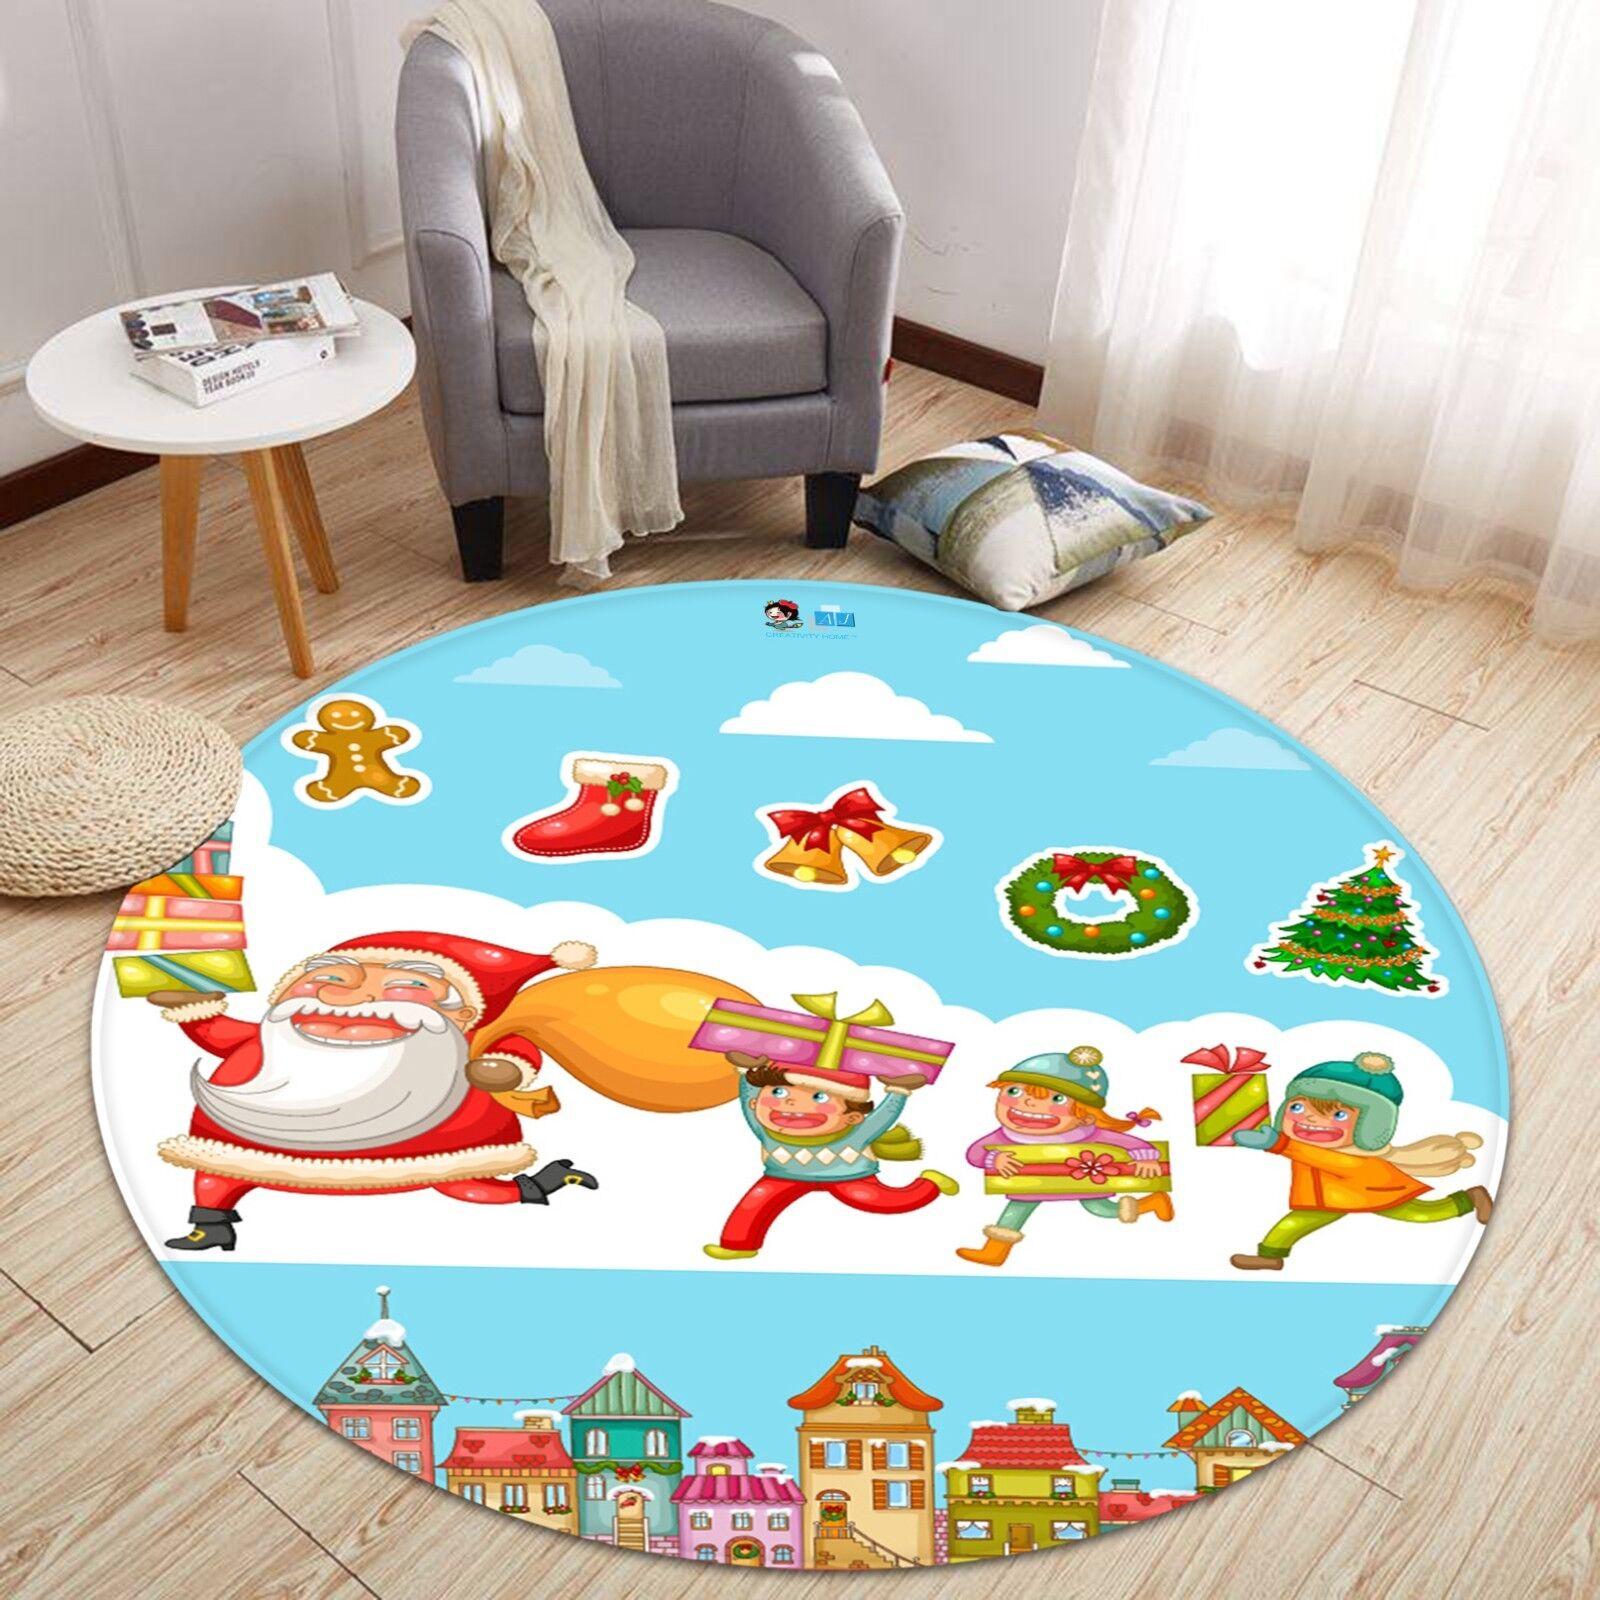 3D Natale Xmas 626 Antiscivolo Tappeto Tappetino stuoia di qualità rossoondo Elegante Tappeto foto Regno Unito